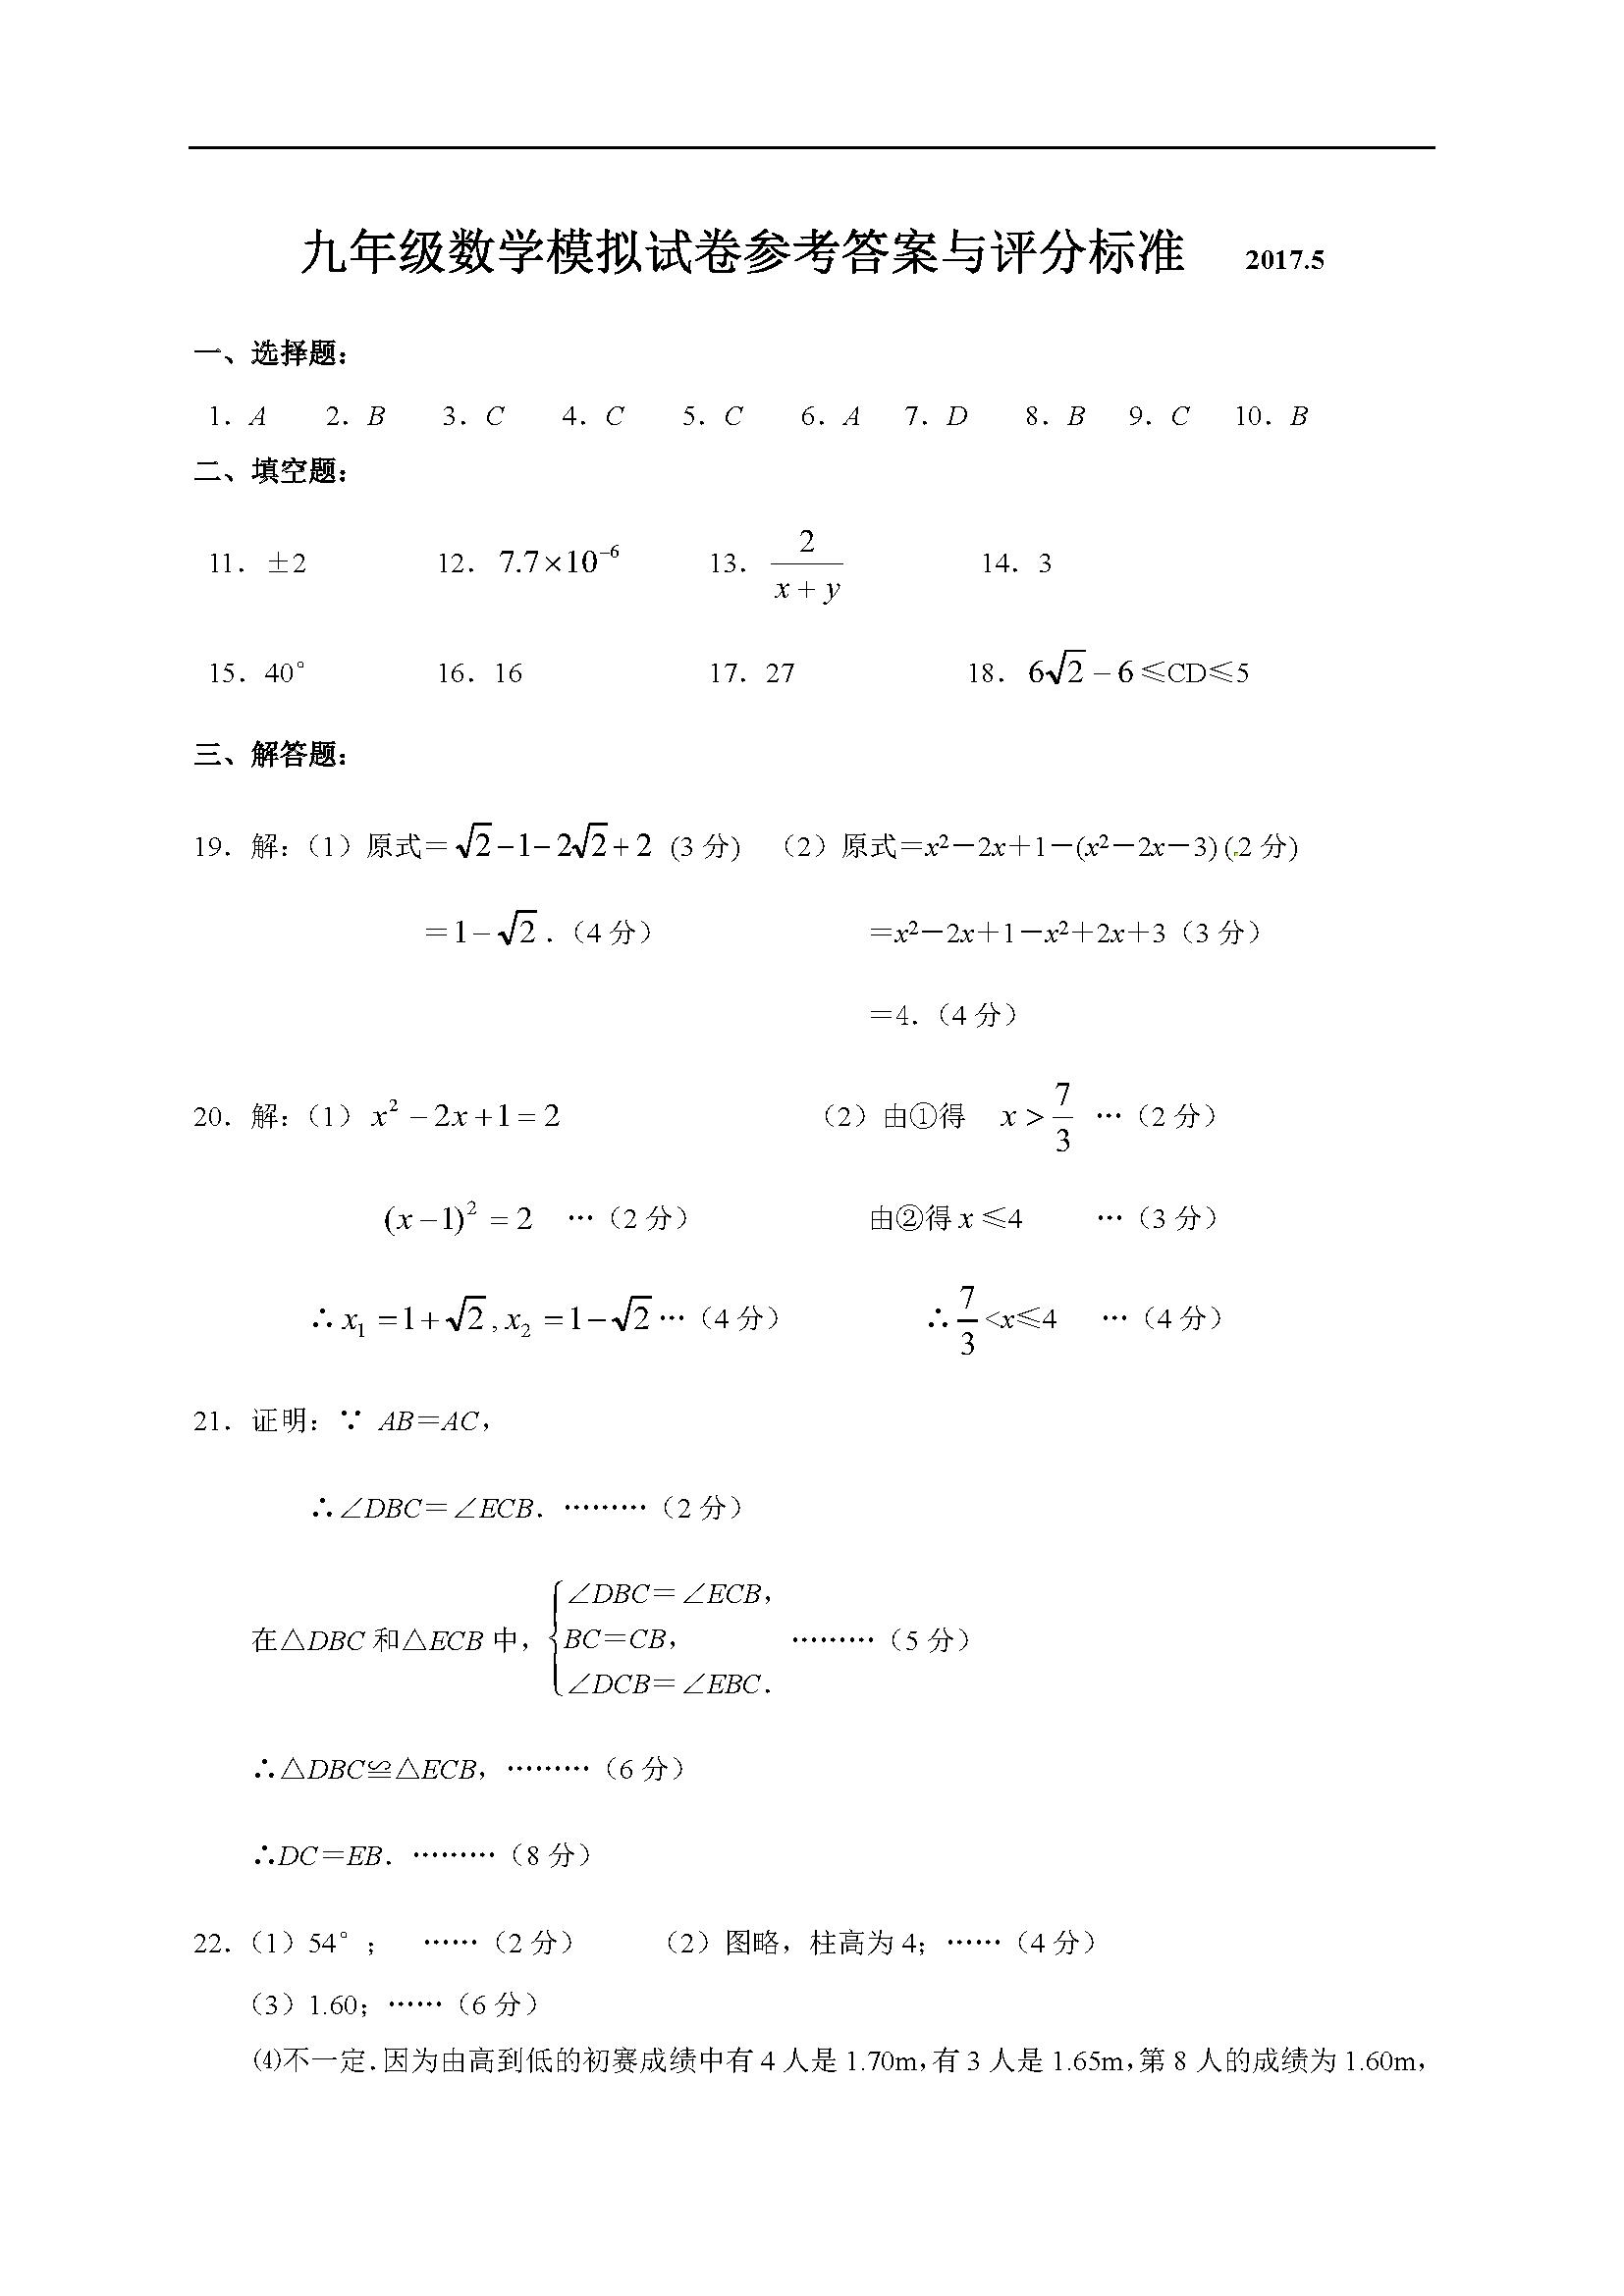 2017年江苏江阴暨阳中学九年级5月模拟数学试题答案(Word版)